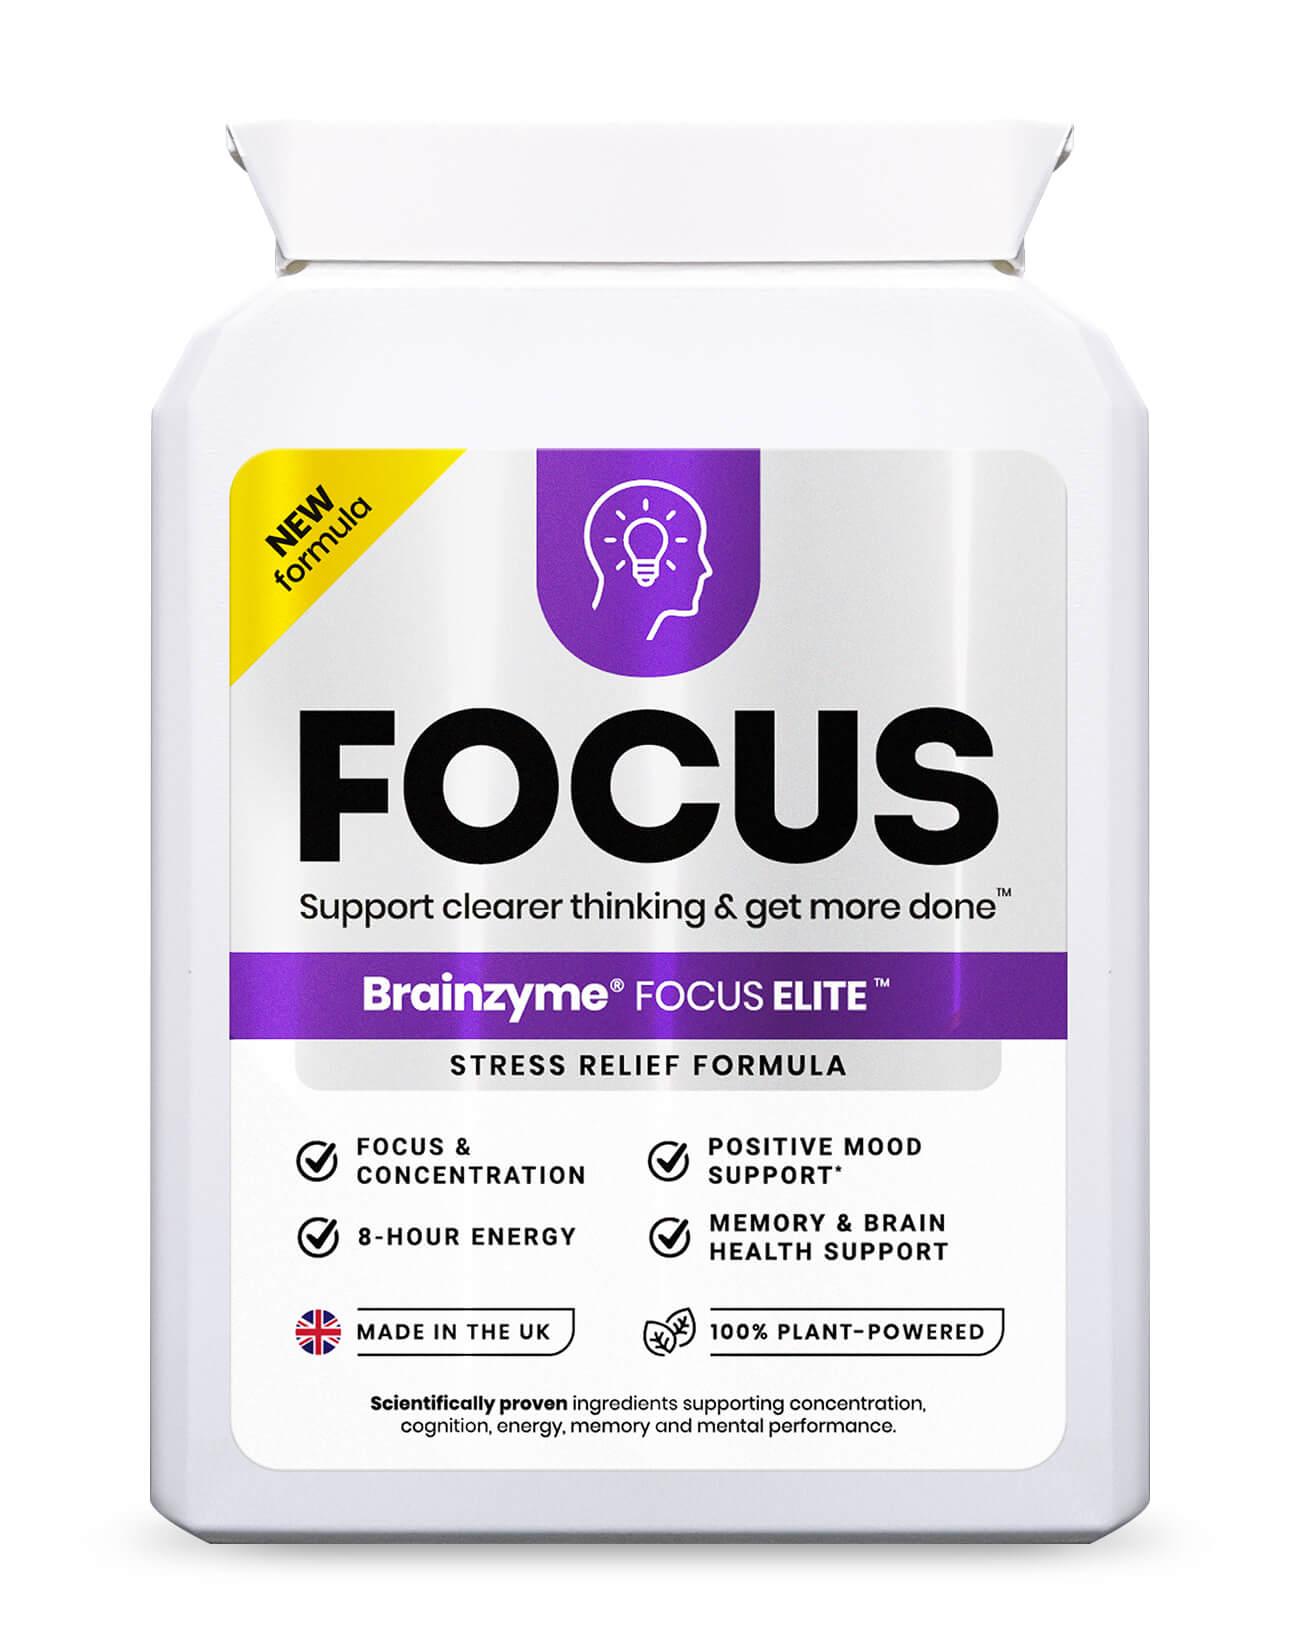 Brainzyme Focus Elite 30's